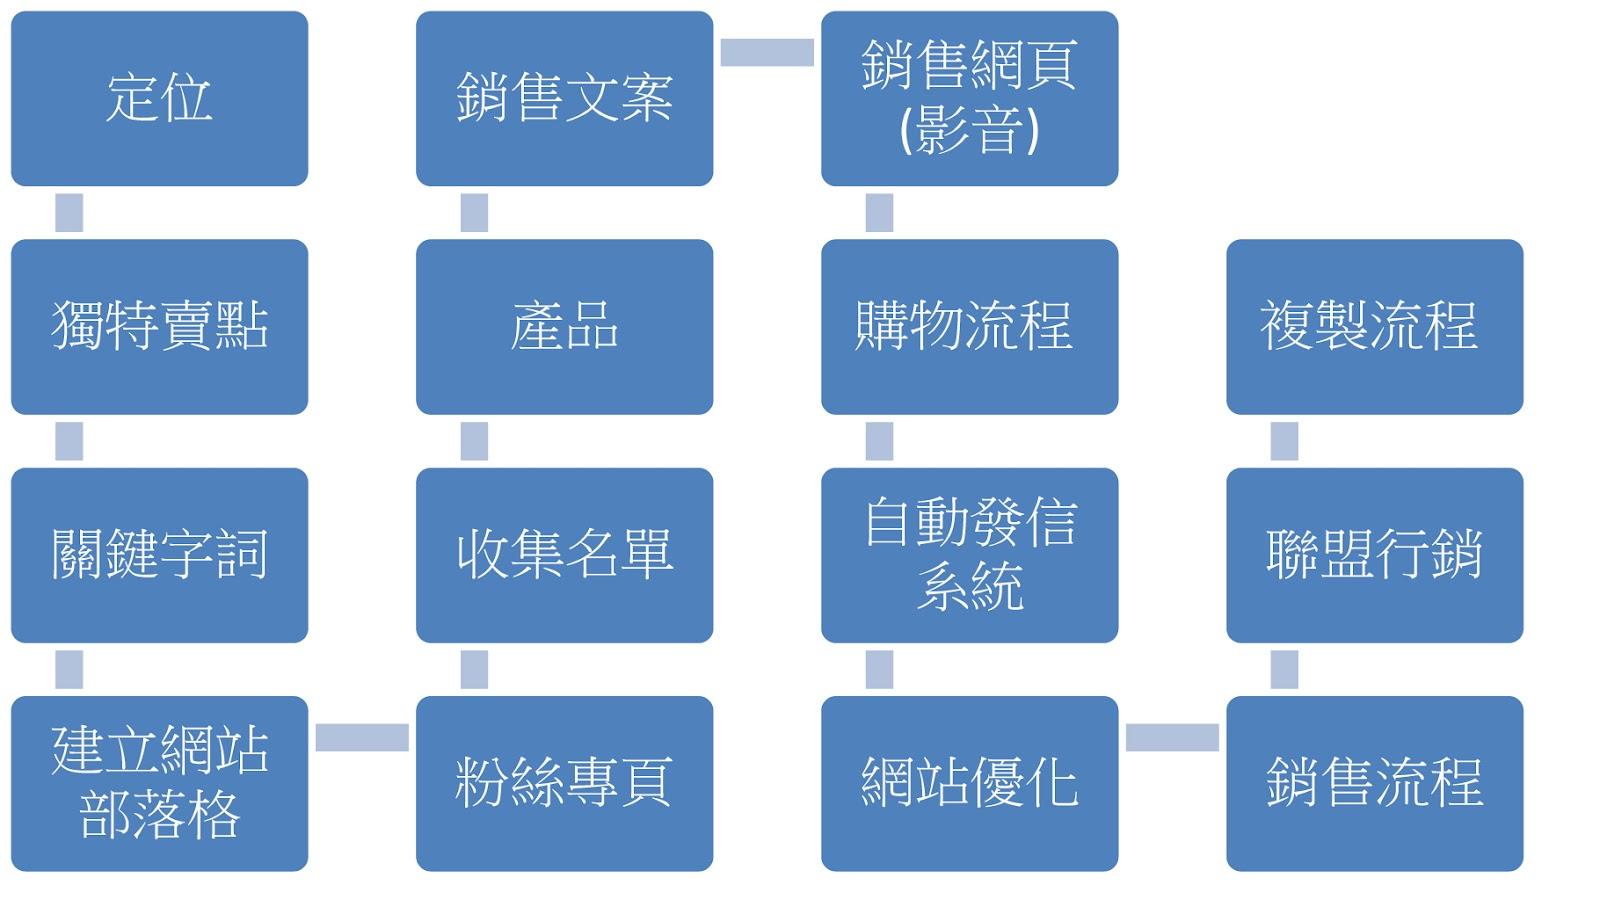 15 個網路行銷創業的流程步驟 (網路行銷SOP)